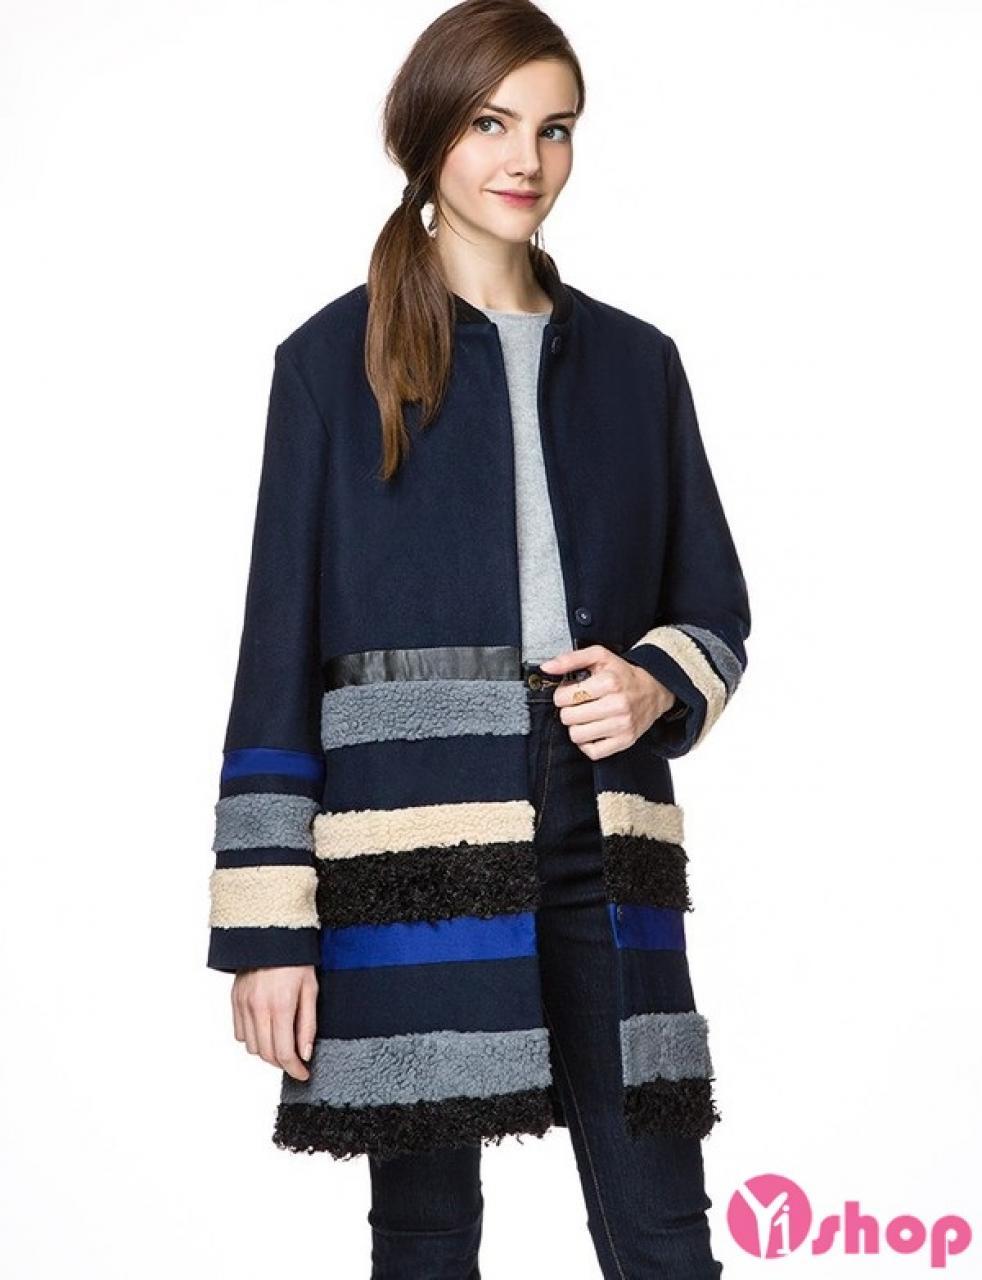 Áo khoác dạ nữ dày đẹp thu đông 2019 không lạnh dạo phố